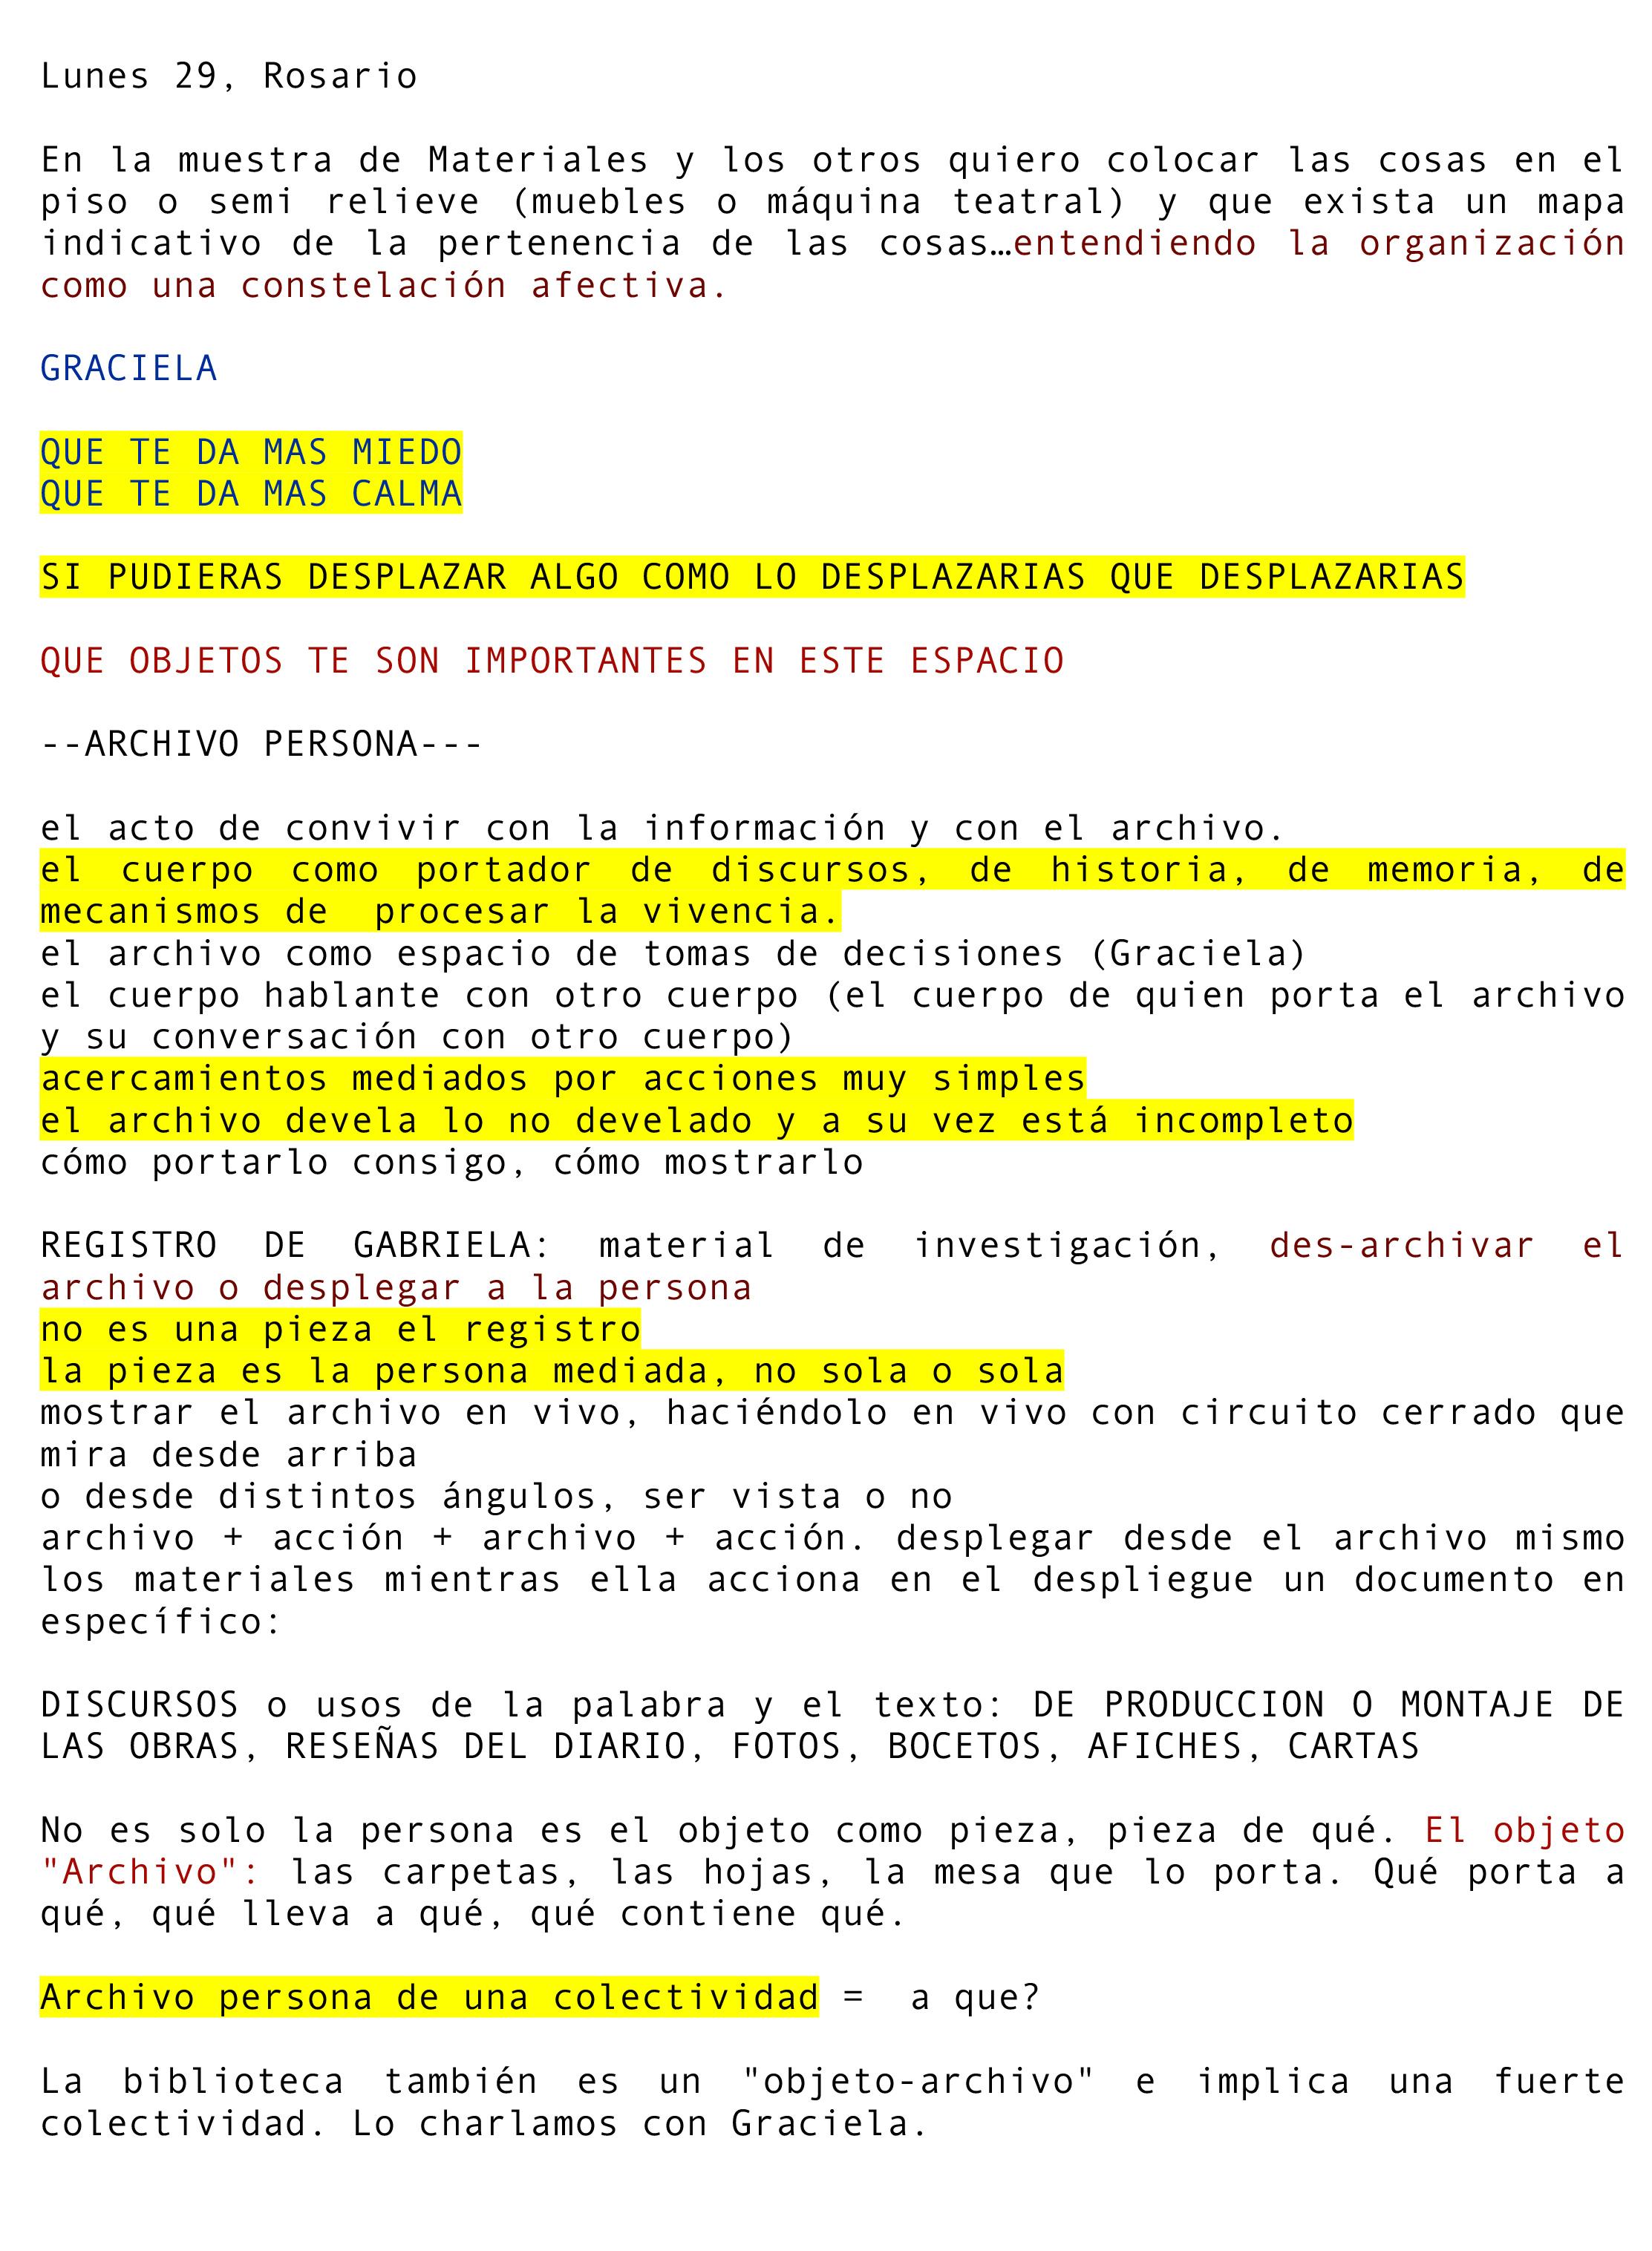 DIARIO_ARGENTINA-8.jpg